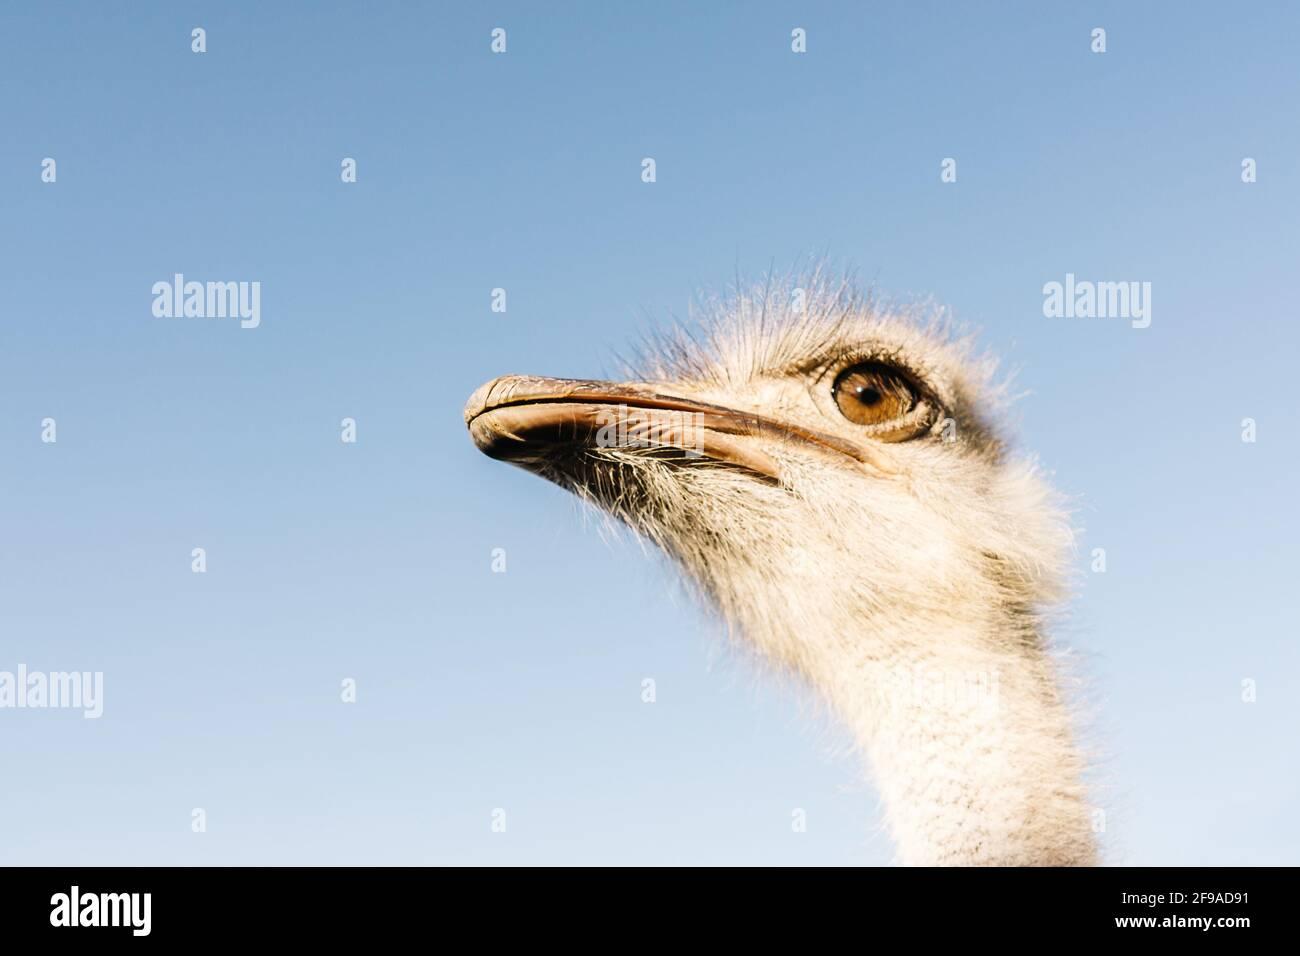 Retrato frontal de la cabeza y el cuello de avestruz sobre fondo azul cielo. Foto de stock